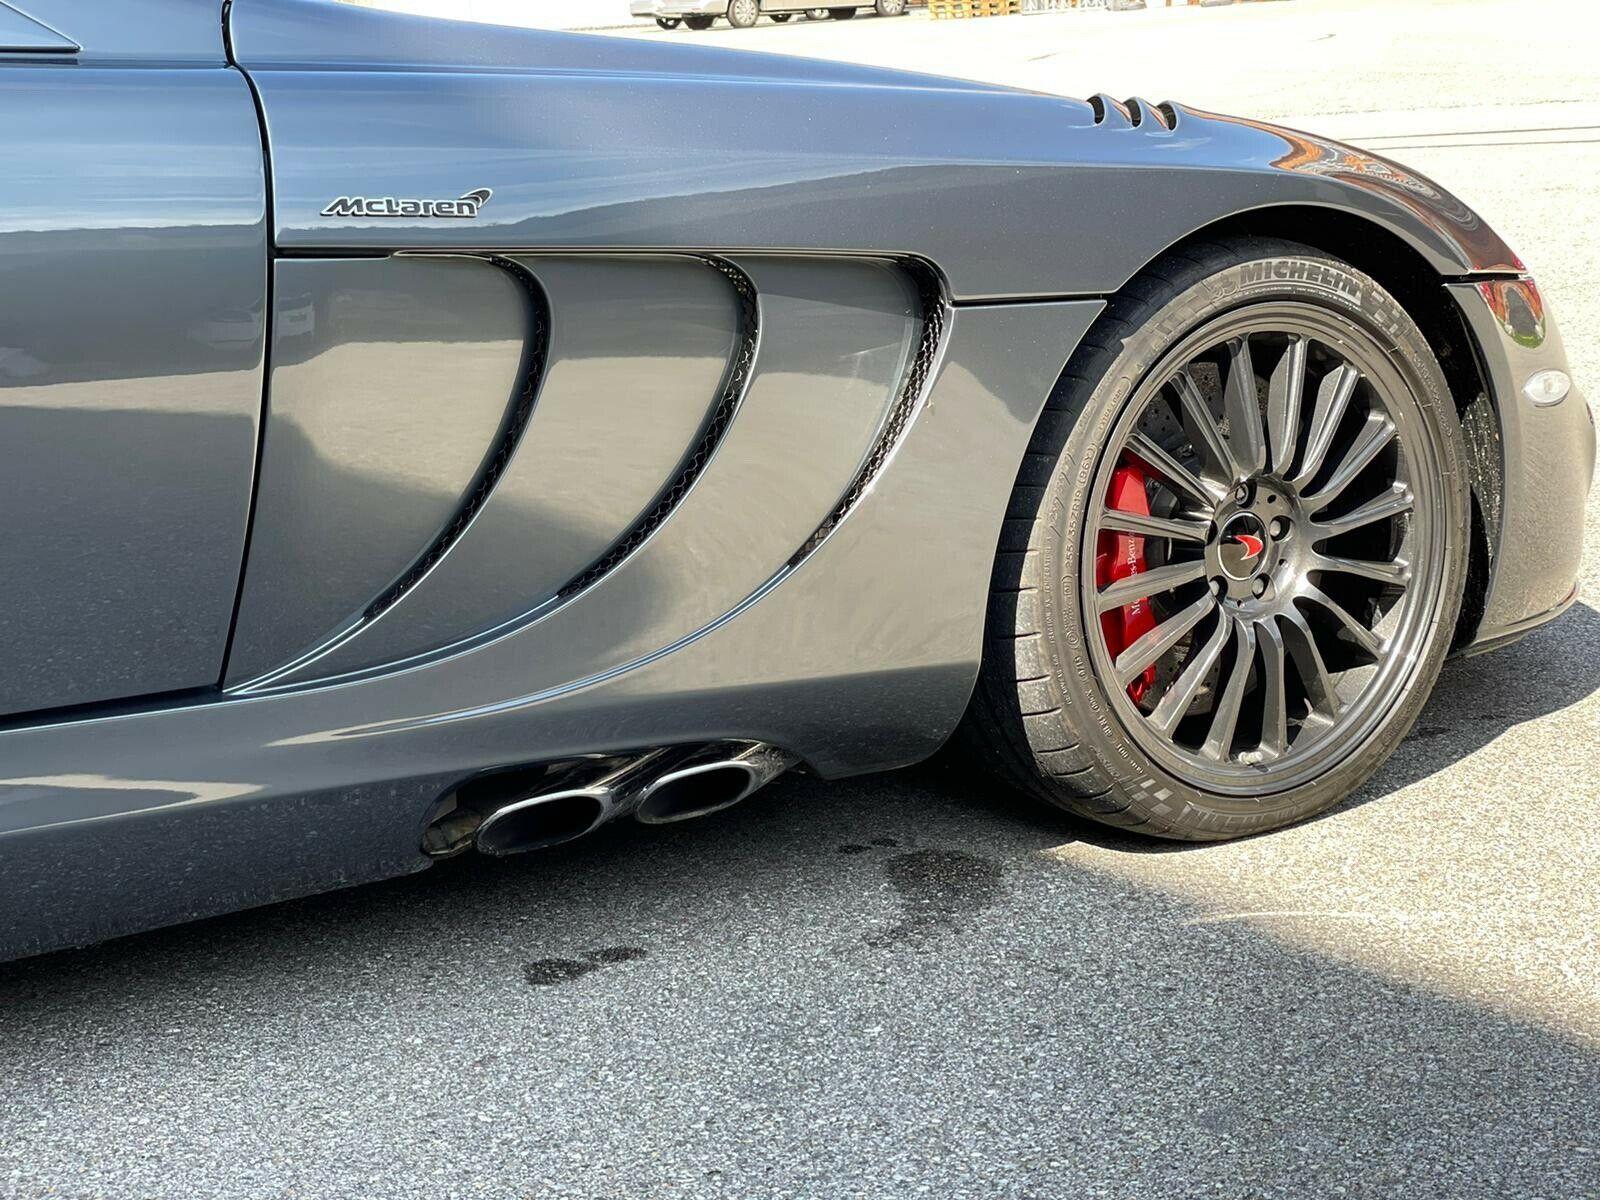 SLR McLaren Wheels